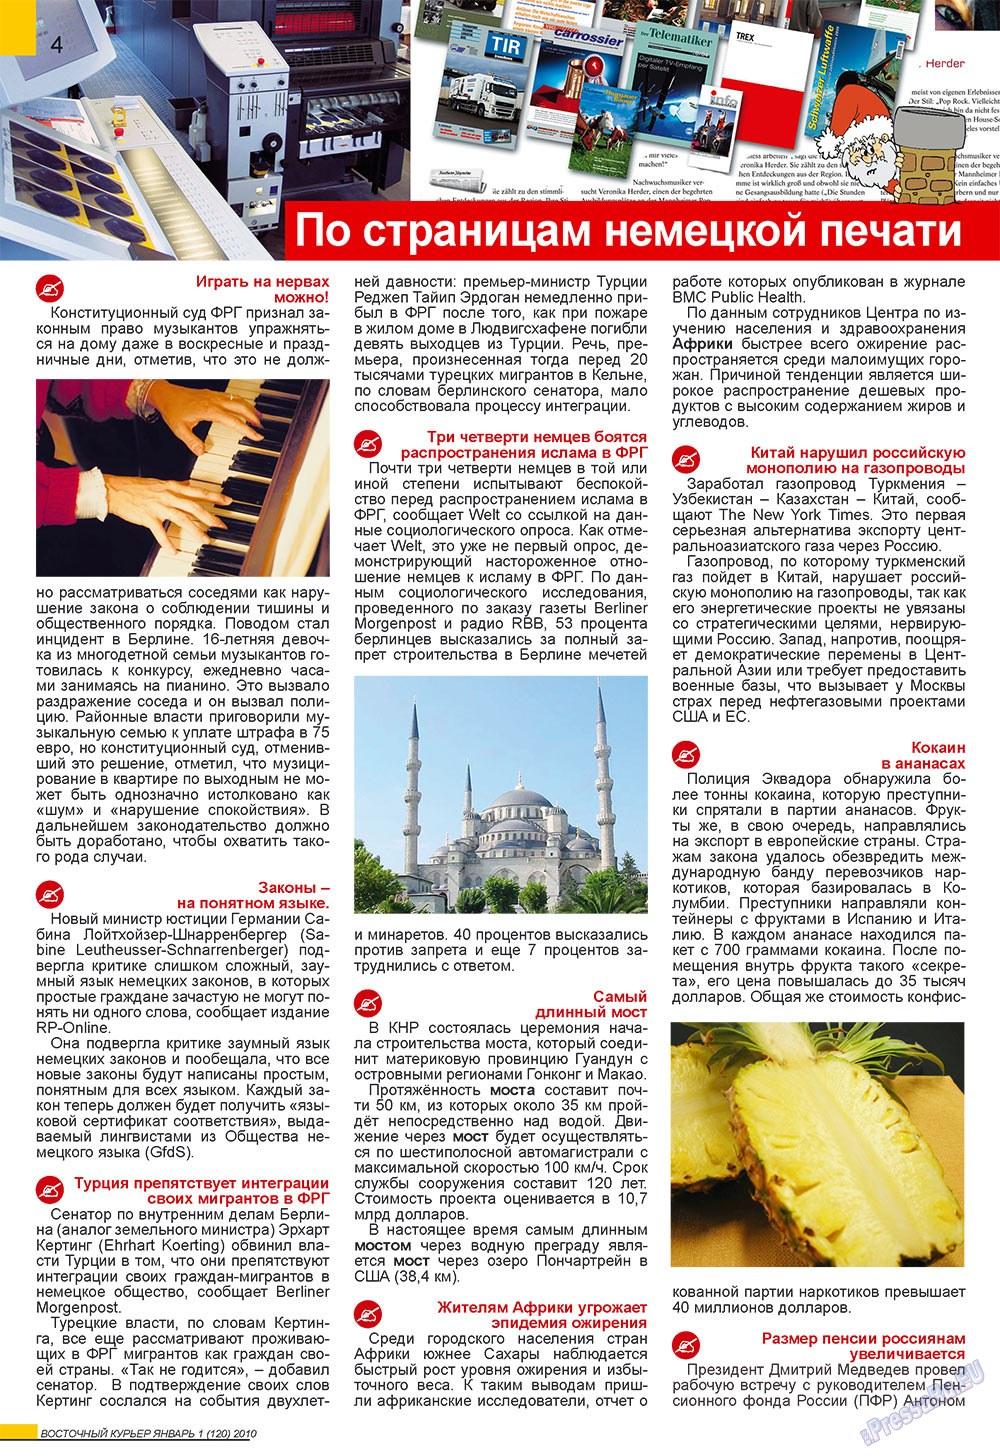 Восточный курьер (журнал). 2010 год, номер 1, стр. 4